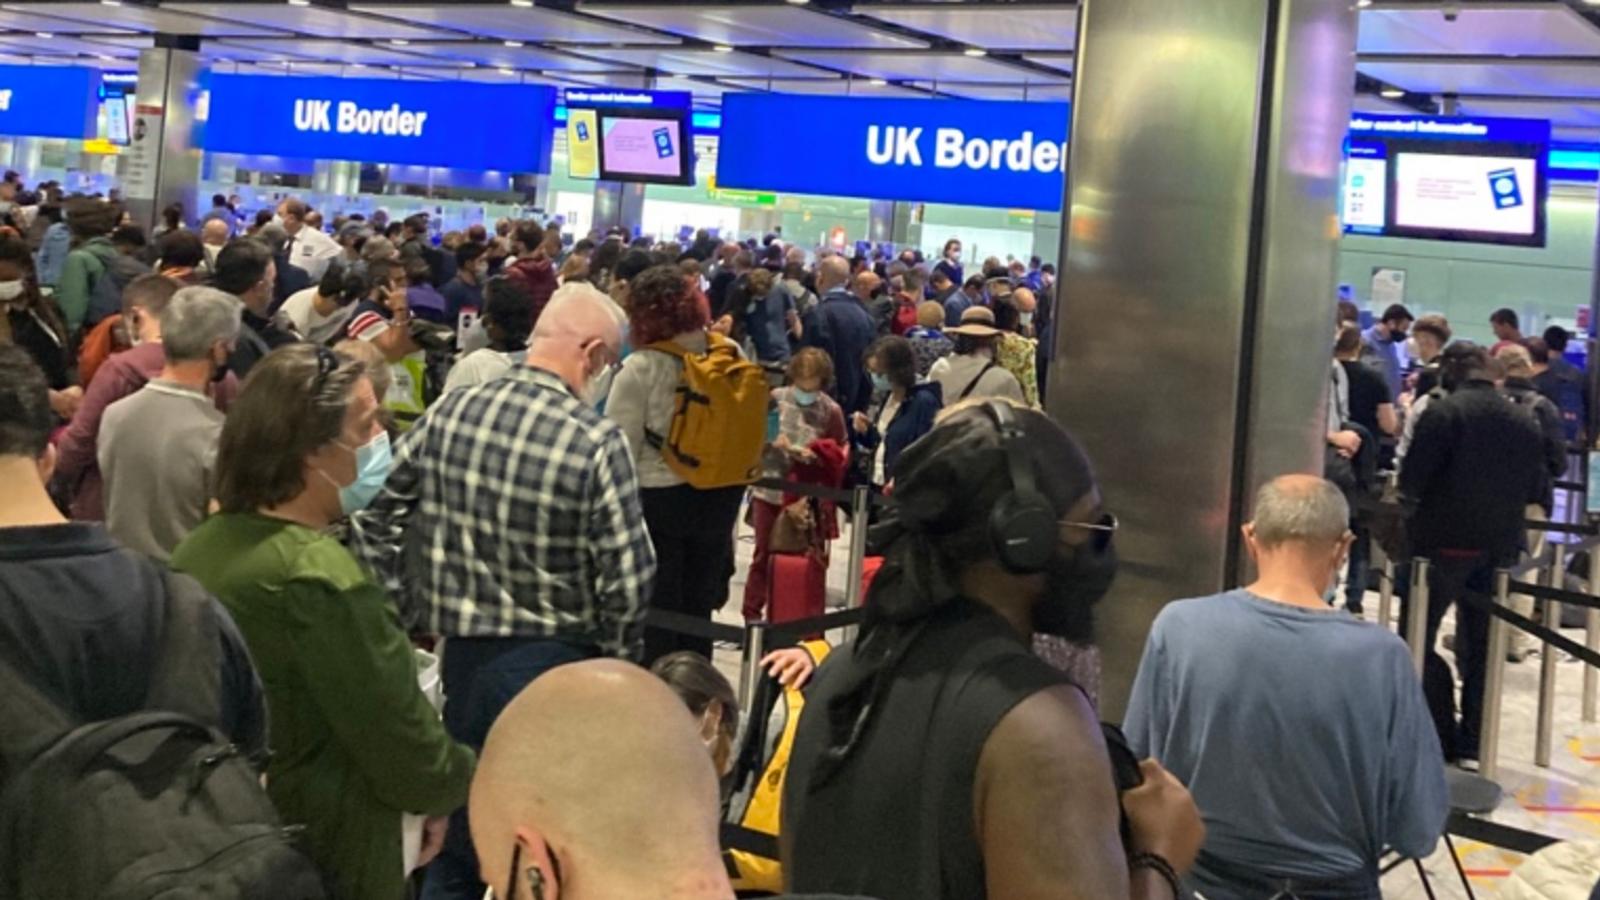 صورة للفوضى في مطار هيثرو البريطاني - صورة من شاشة شكاي نيوز